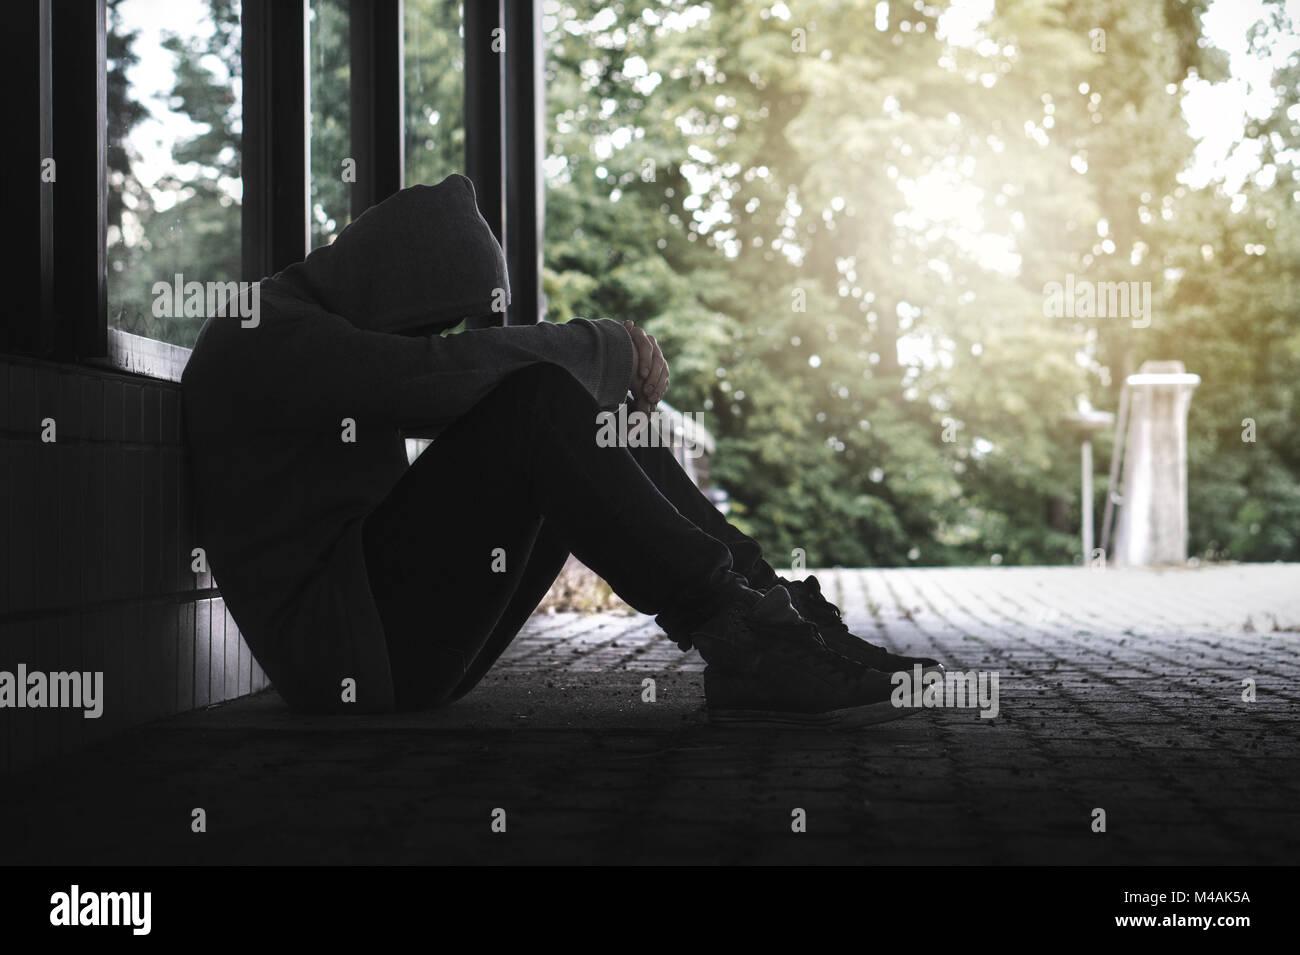 Depressione, isolamento sociale e di solitudine, di salute mentale e il concetto di discriminazione. Triste, solitario, Foto Stock